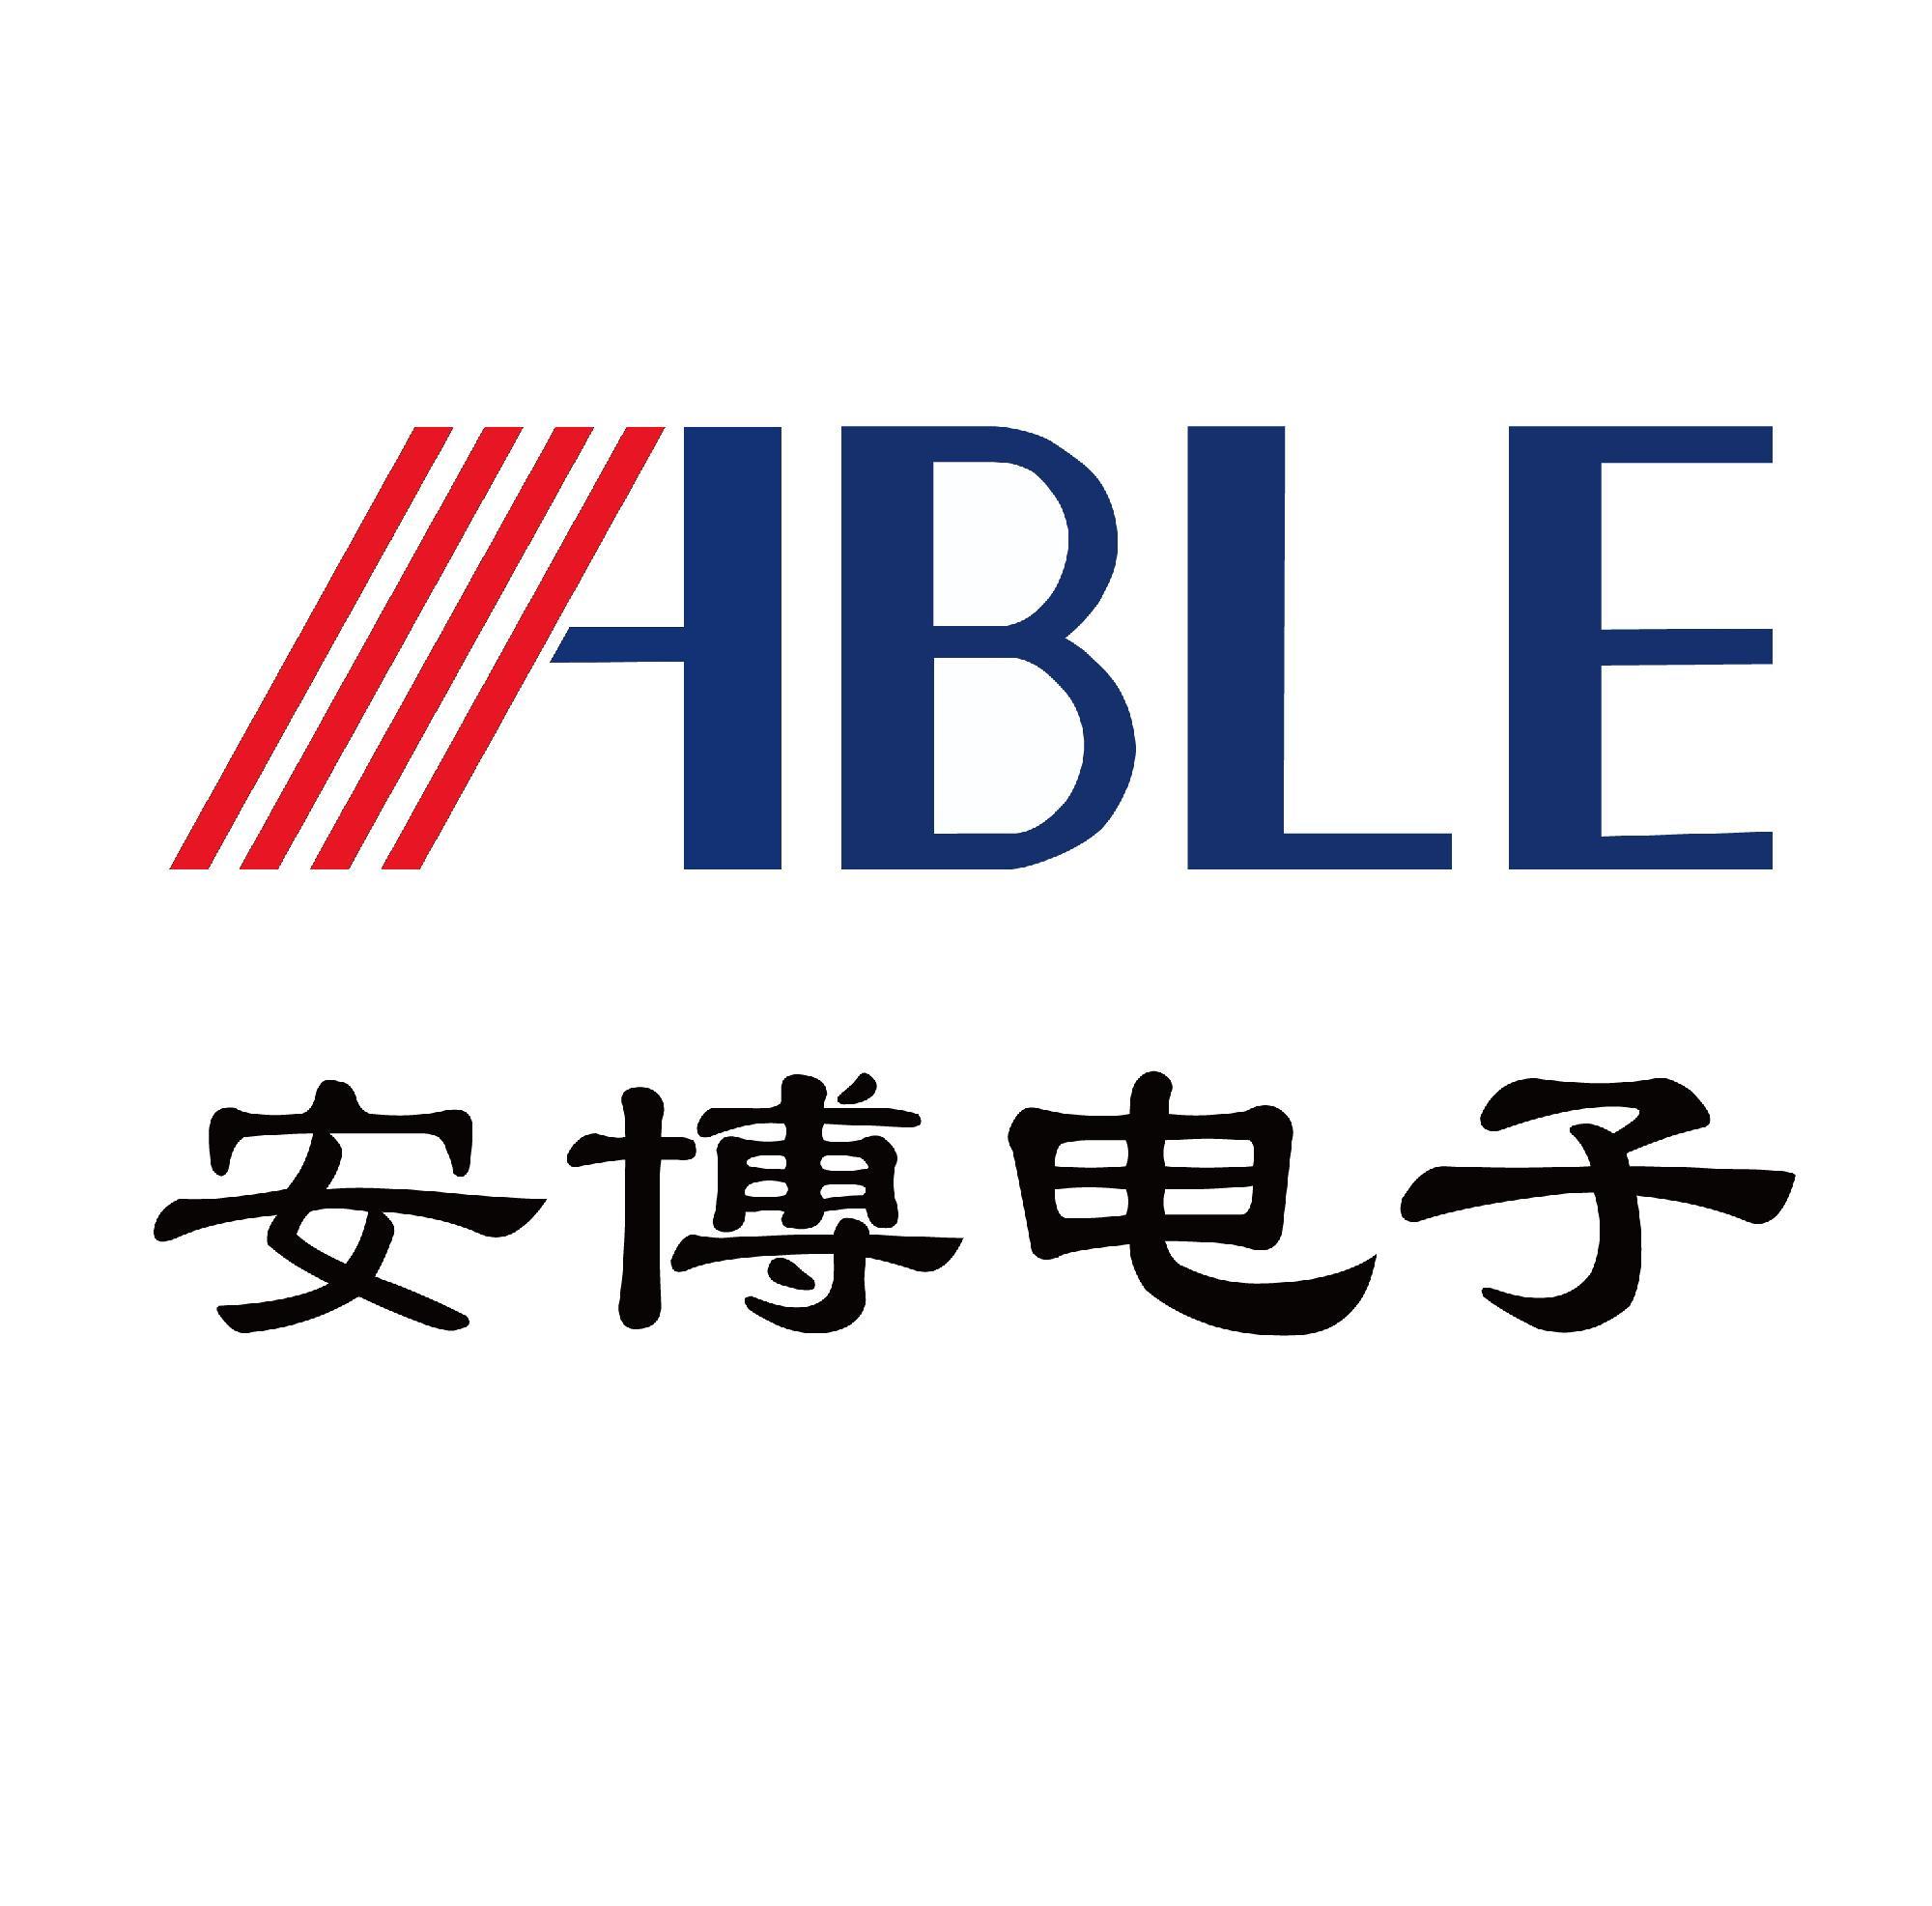 深圳电子有限公司